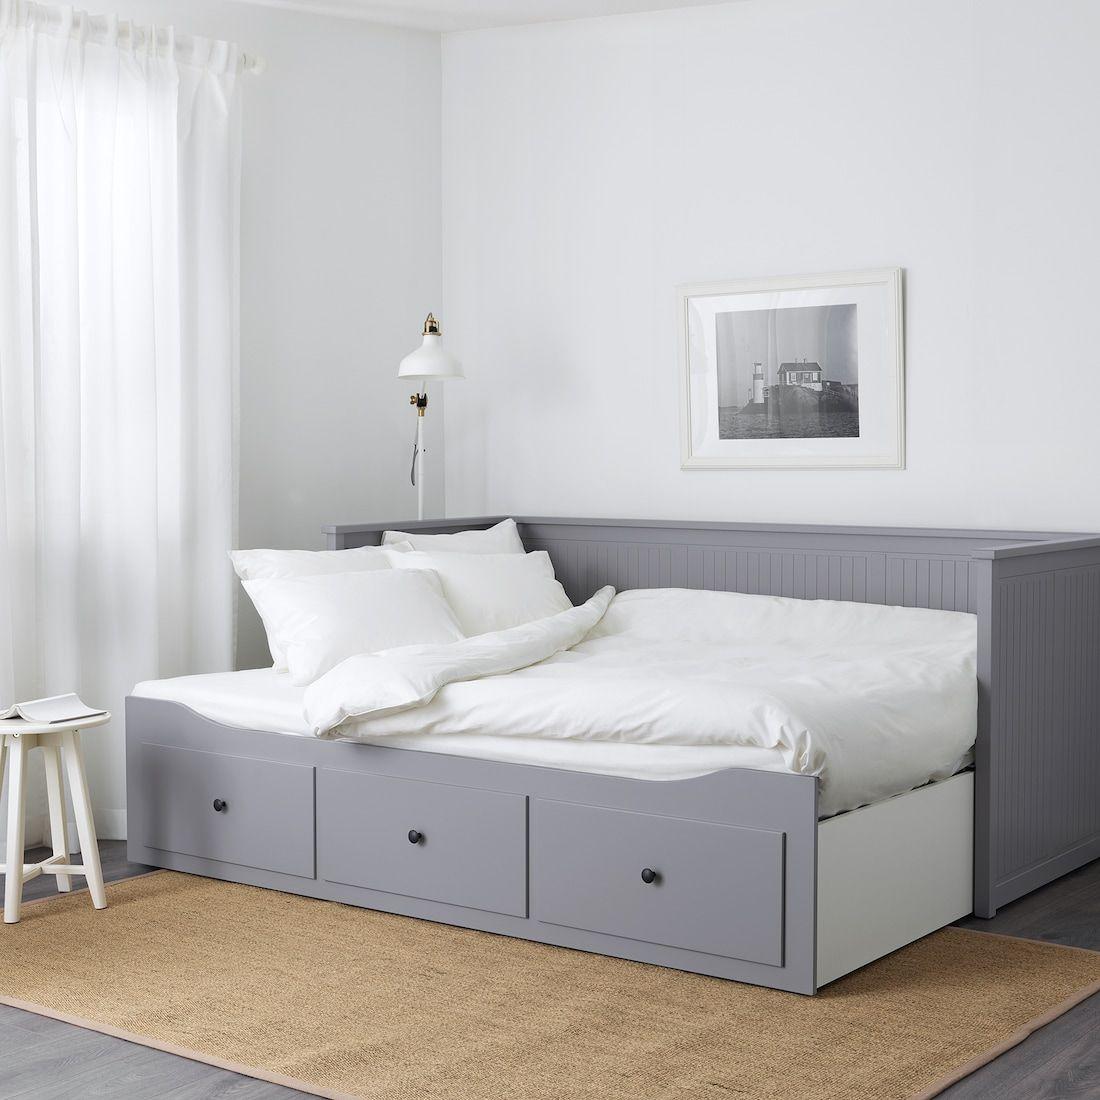 Hemnes Tagesbettgestell 3 Schubladen Grau Ikea Deutschland In 2020 Small Guest Bedroom Hemnes Day Bed Day Bed Frame